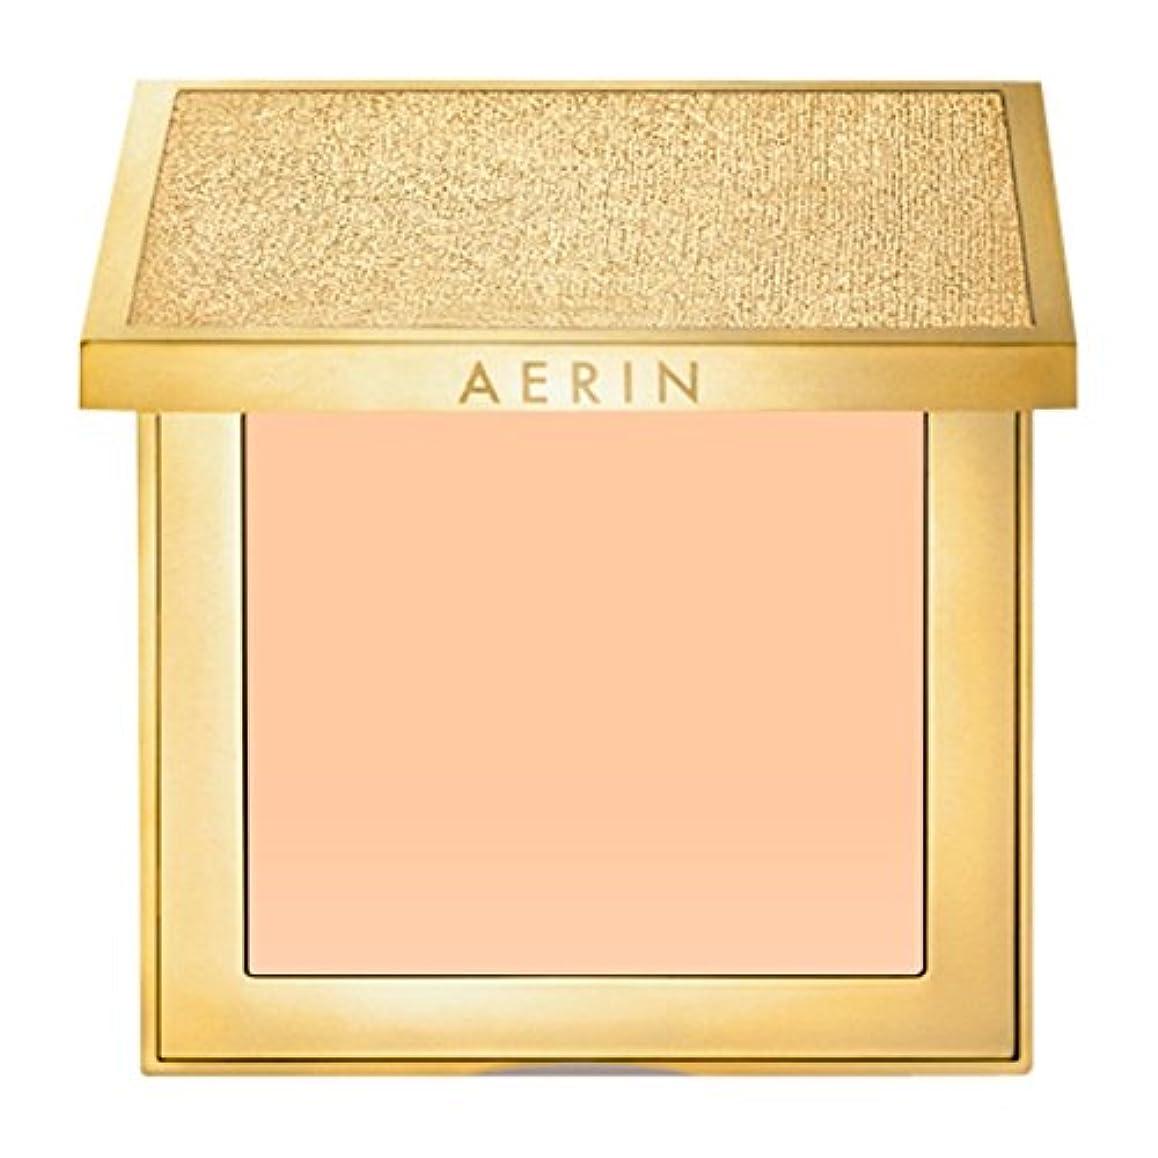 石水差し前にAerin新鮮な肌コンパクトメイクアップレベル1 (AERIN) (x2) - AERIN Fresh Skin Compact Makeup Level 1 (Pack of 2) [並行輸入品]